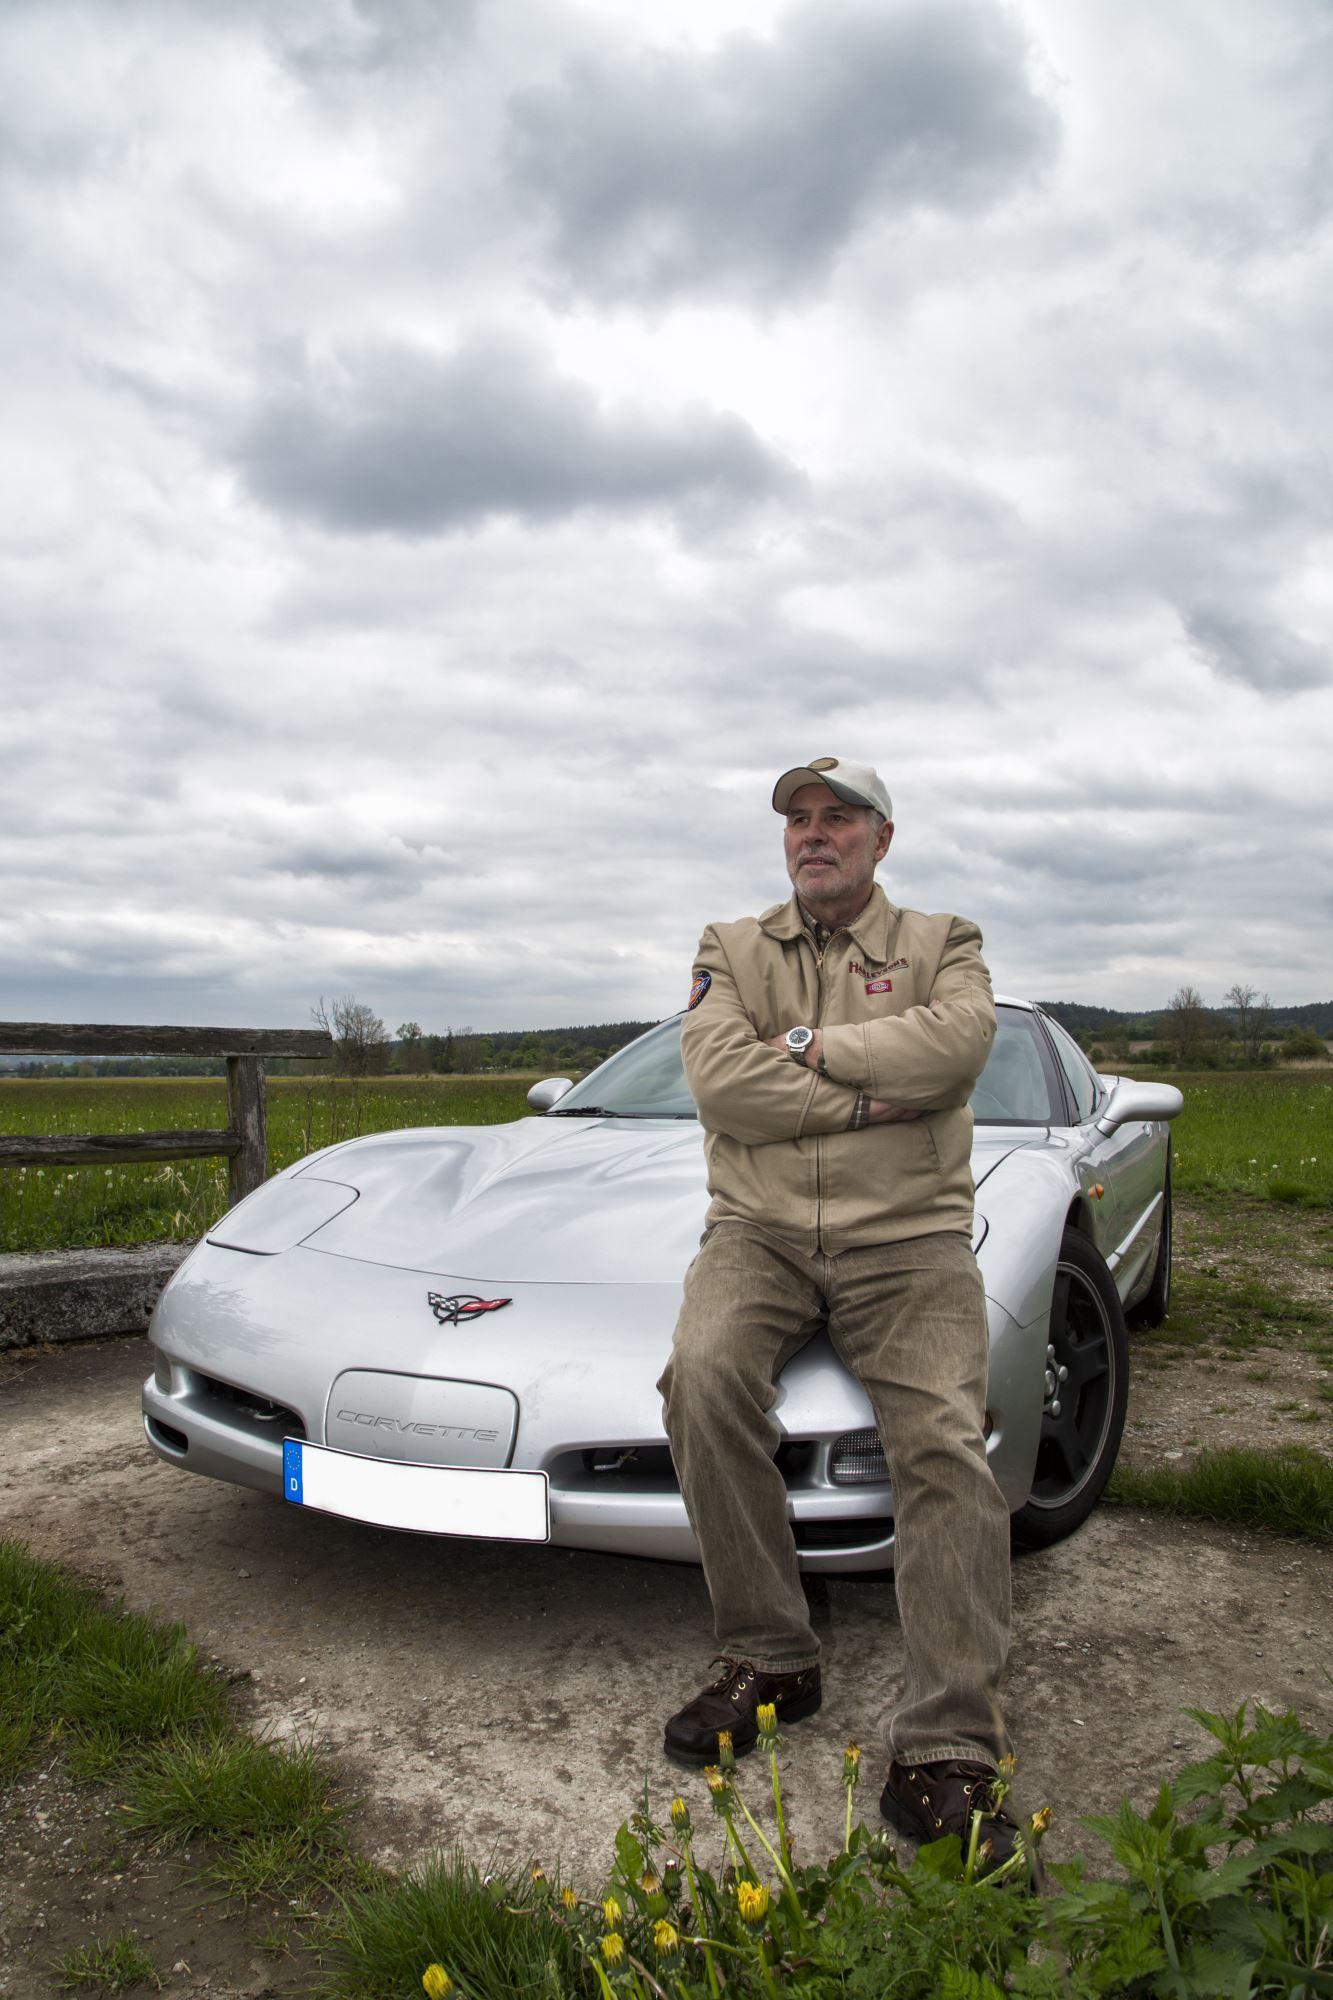 Corvette mit Fahrer